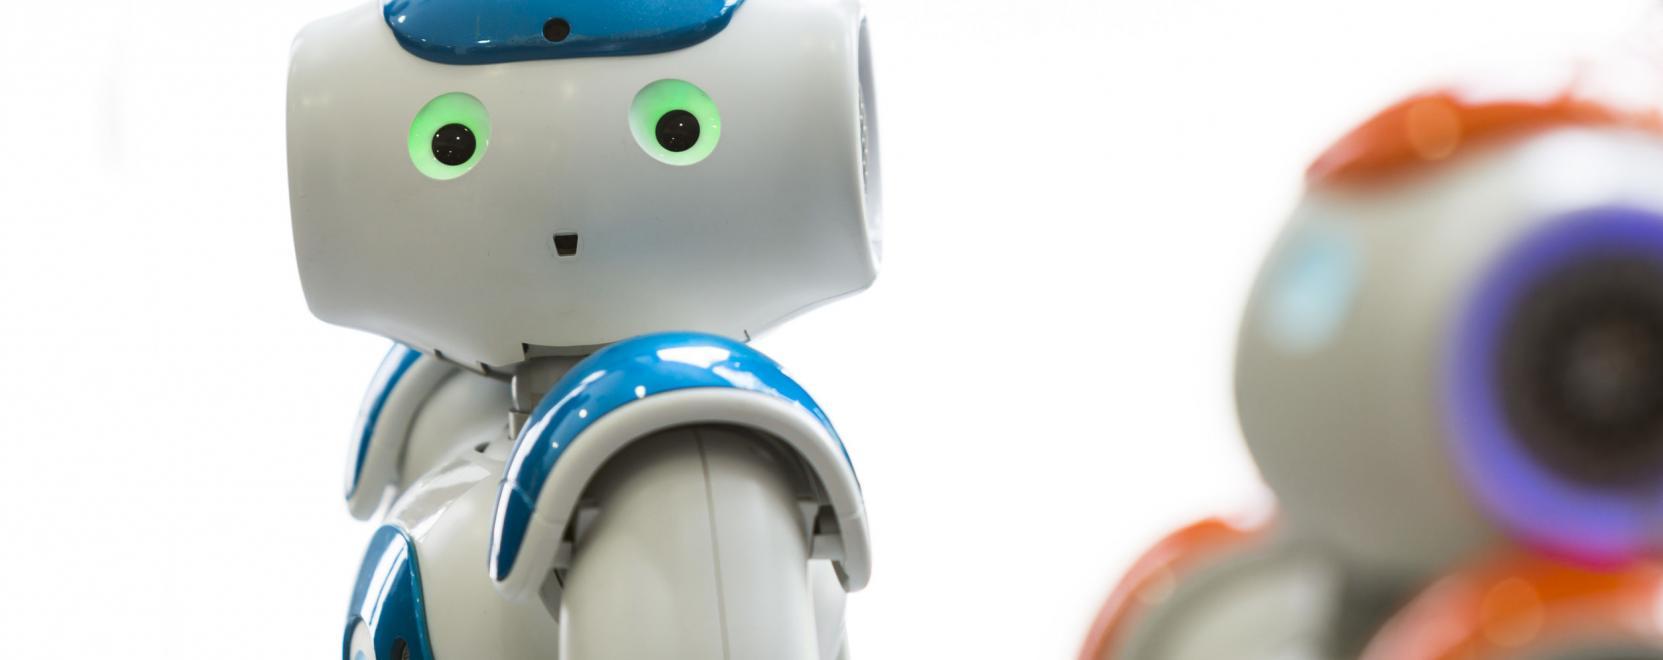 Szakértő tanácsadó | Forex bróker - RoboForex